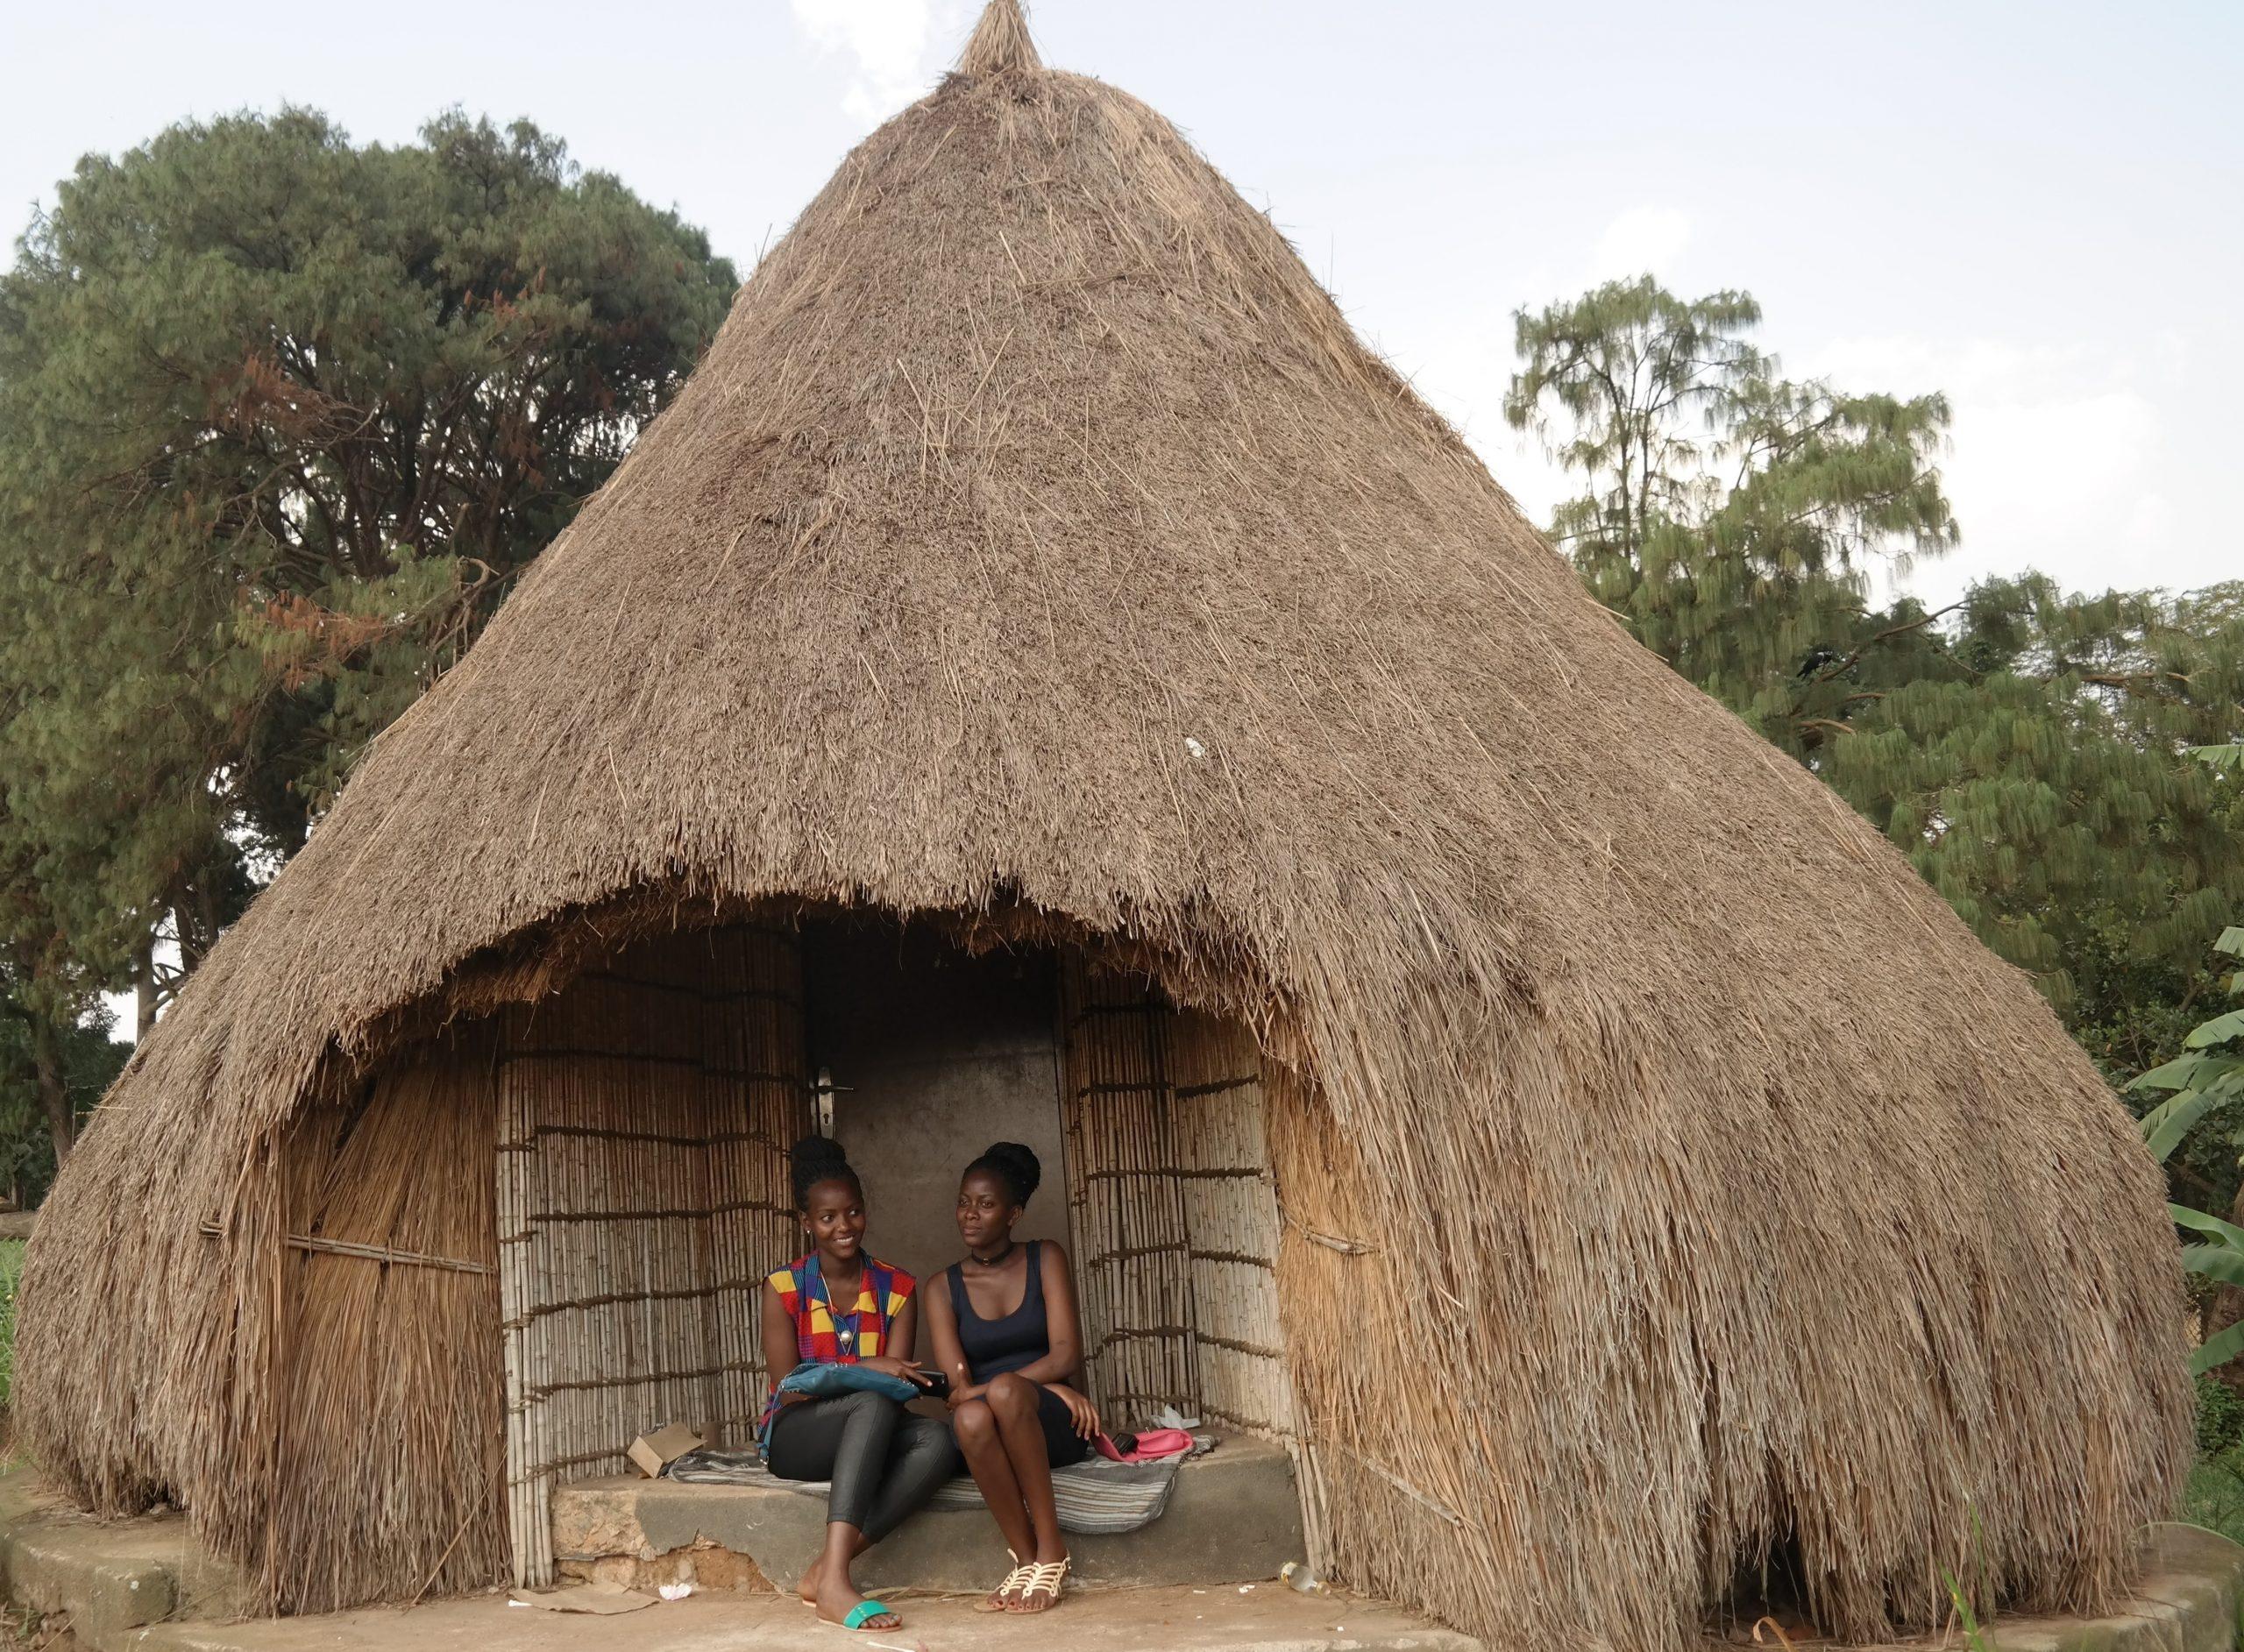 Tooro House